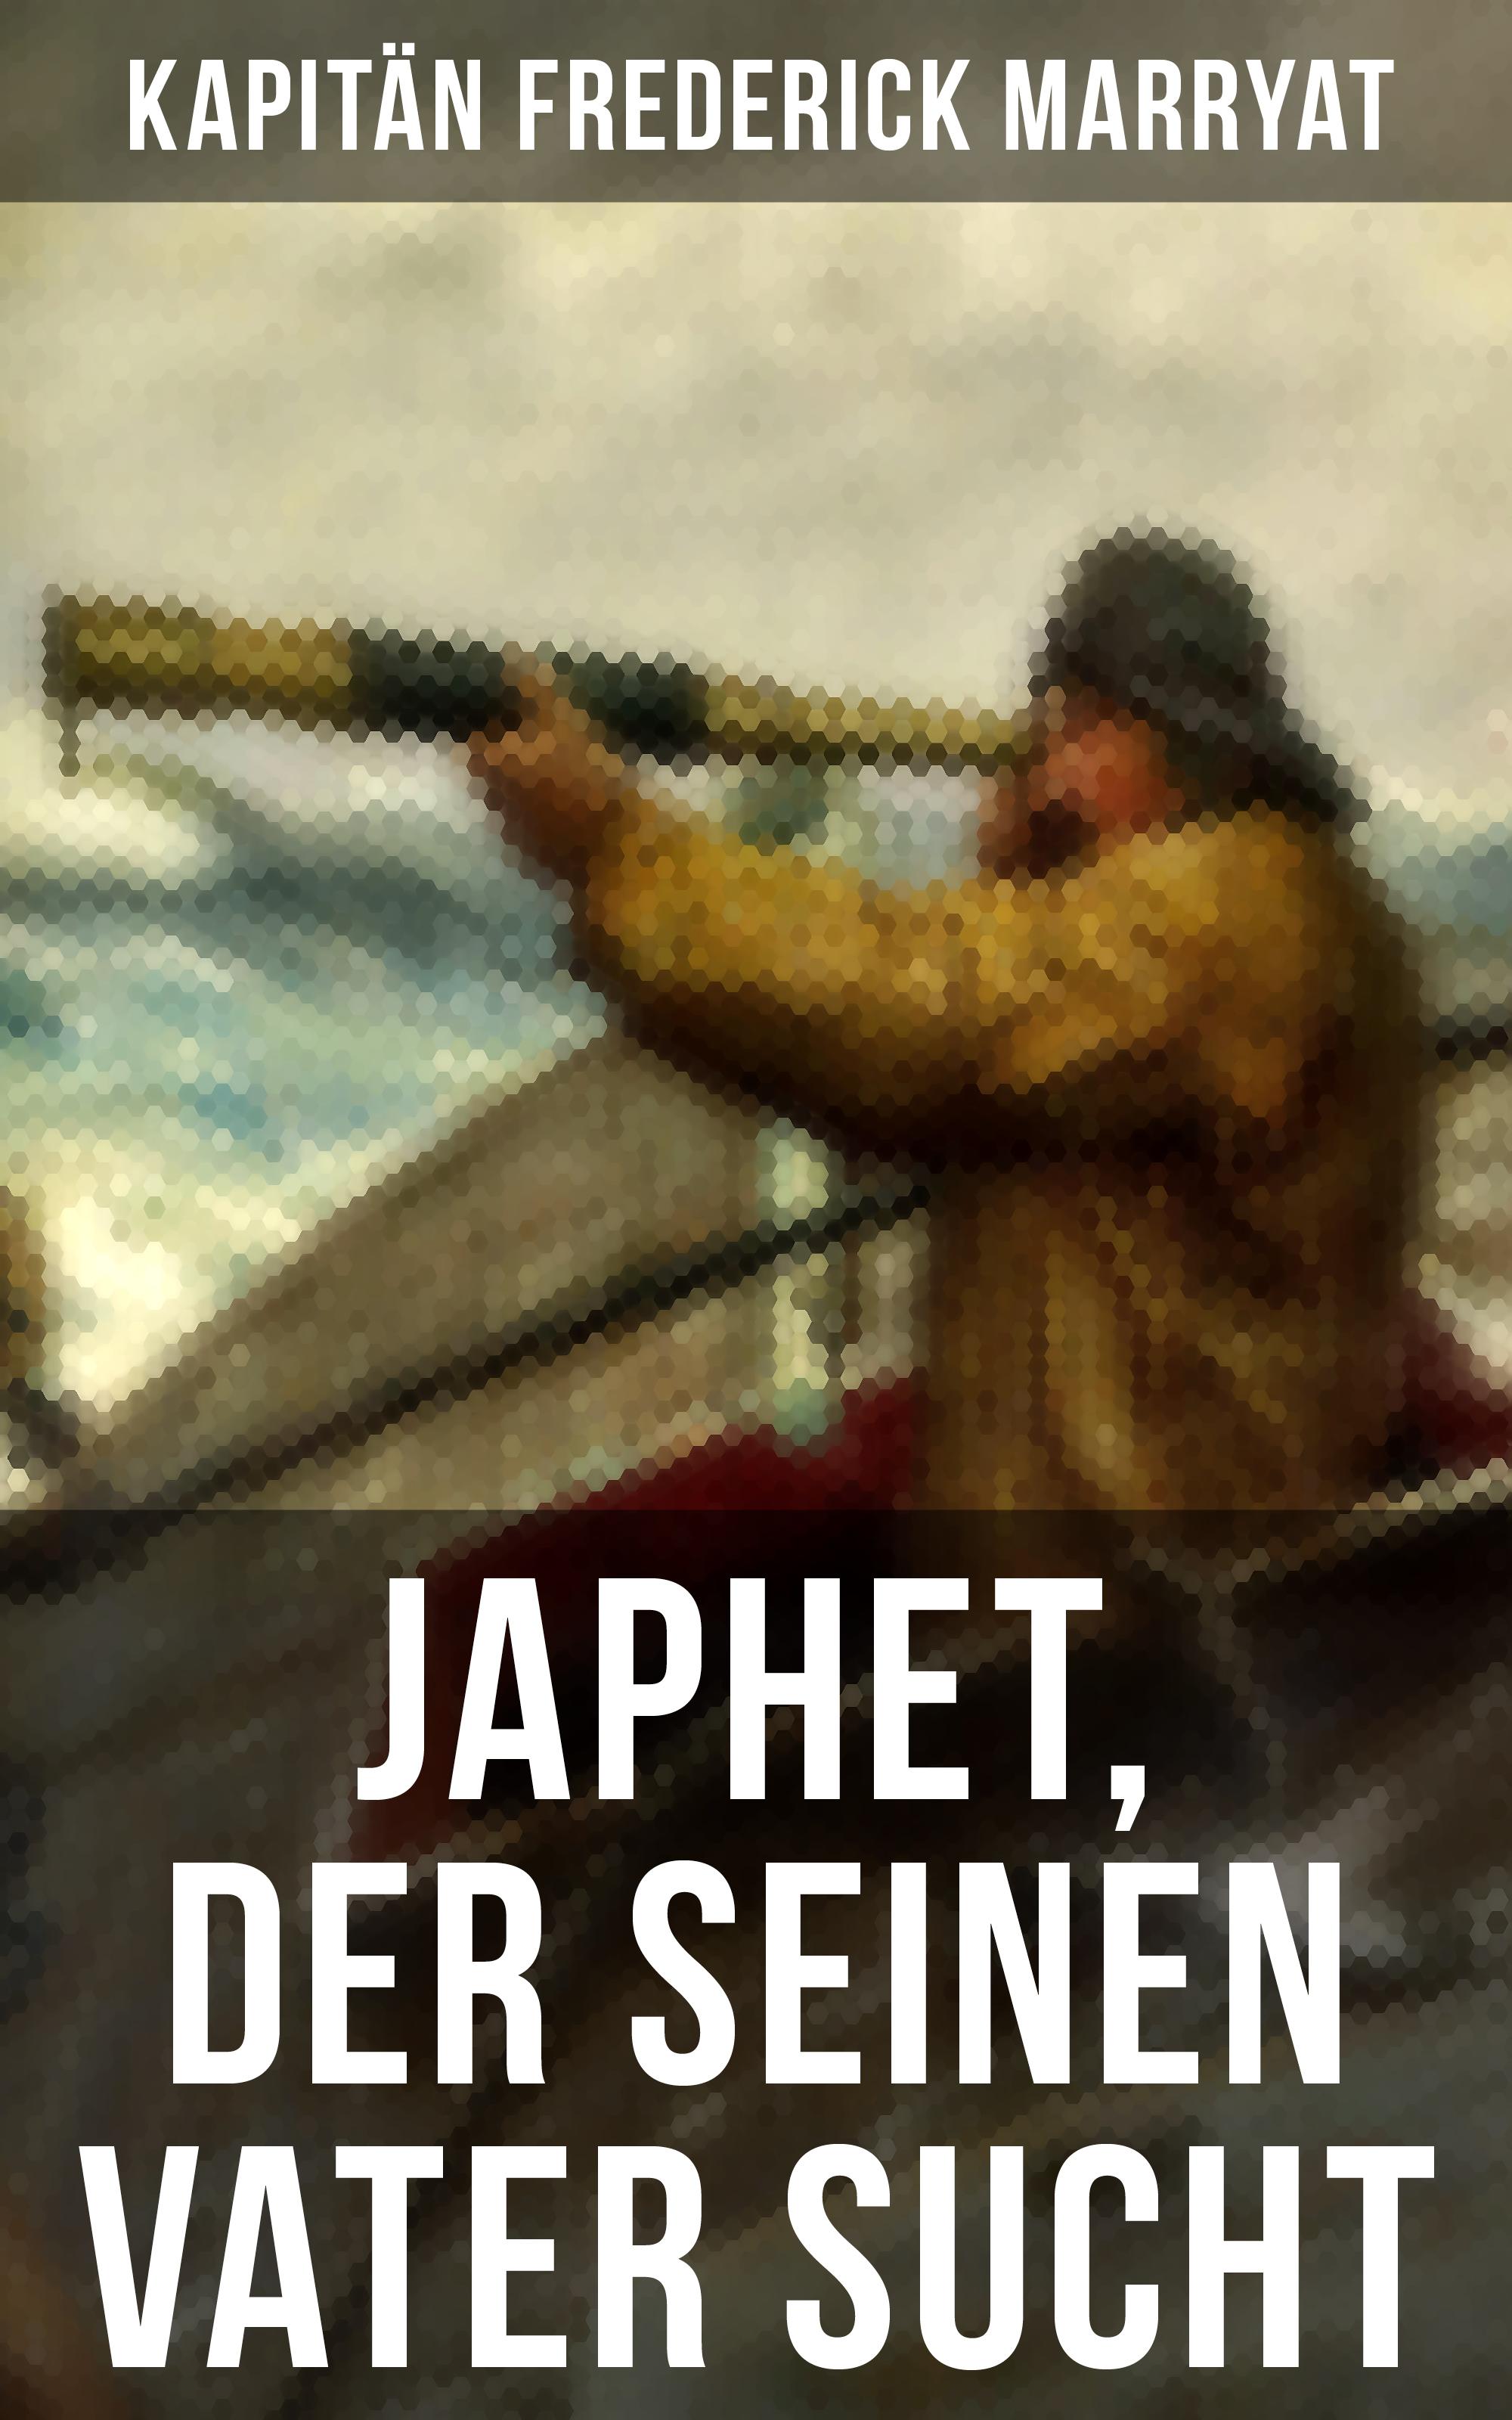 Kapitän Frederick Marryat Japhet, der seinen Vater sucht